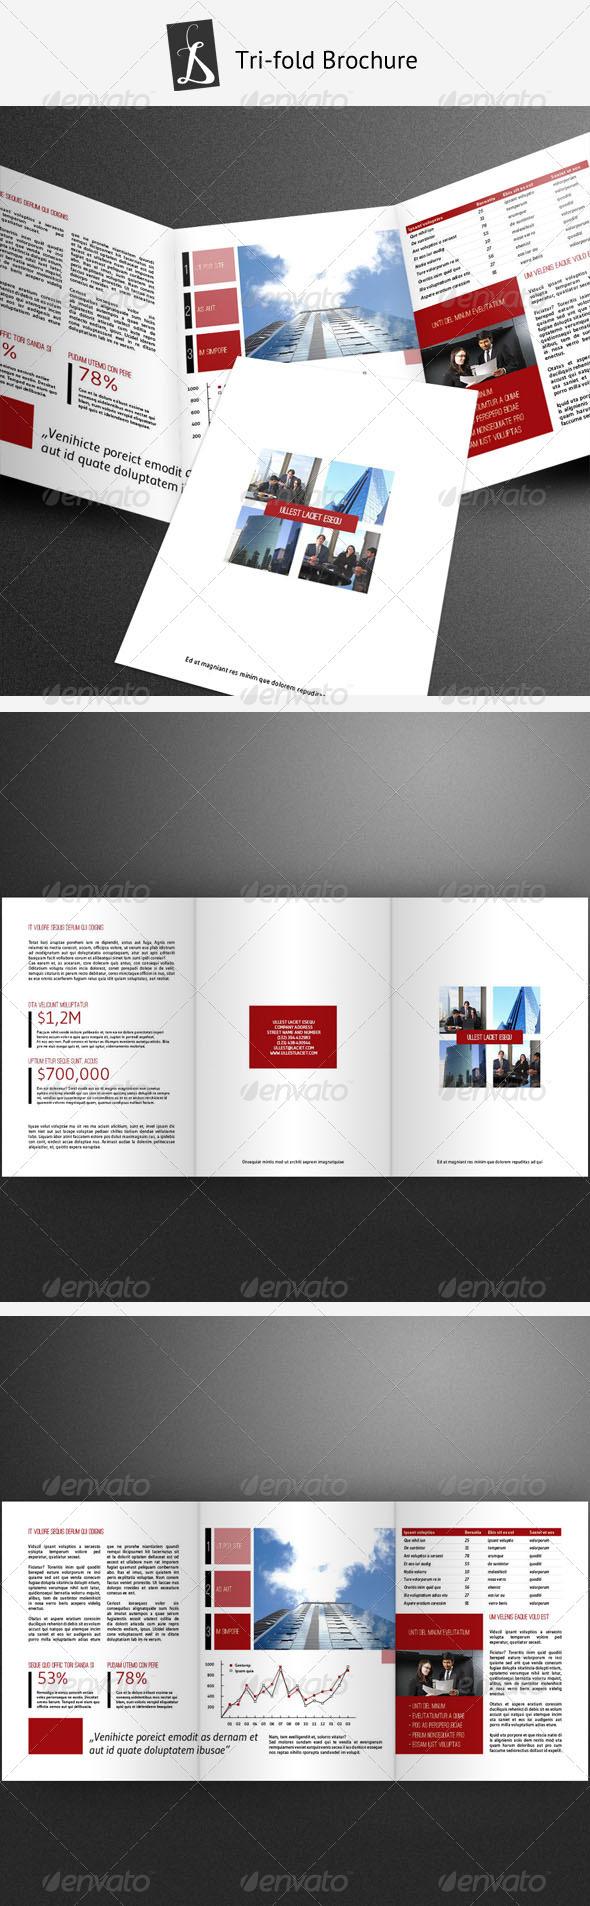 Tri-fold Brochure 7 - Corporate Brochures